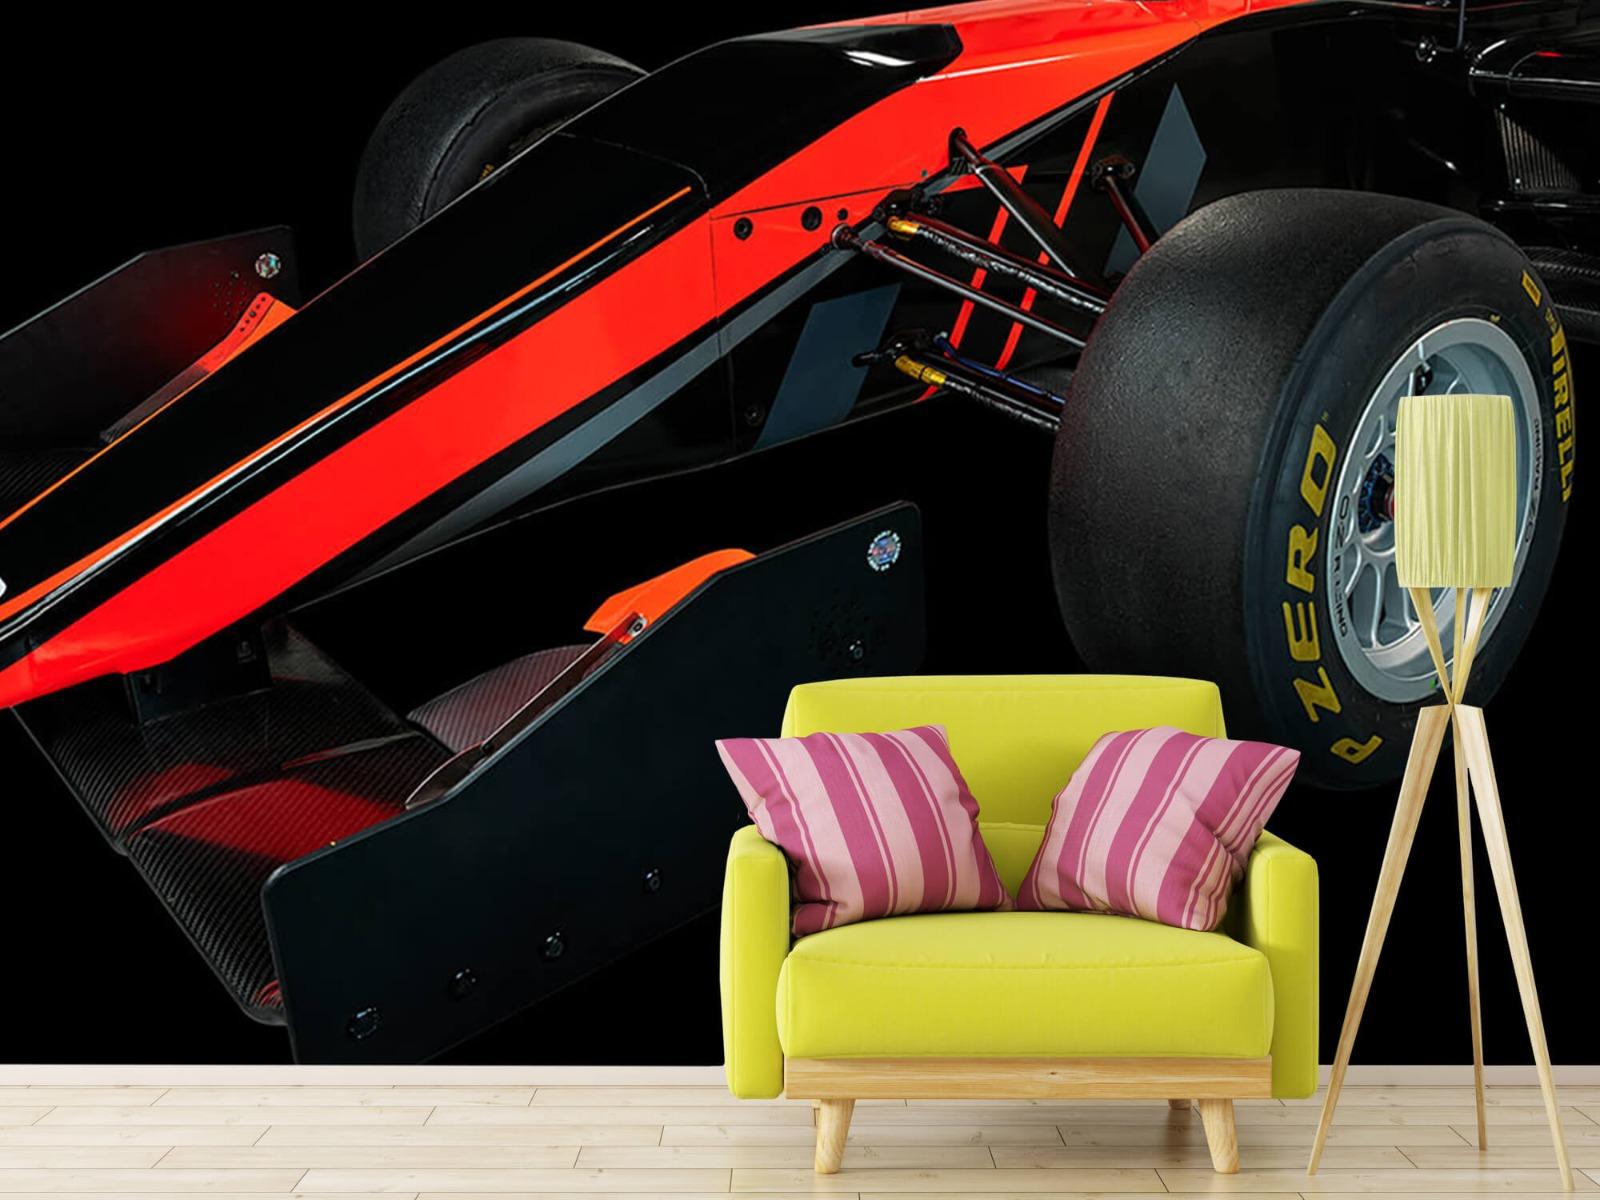 Sportauto's - Formule 3 - Left front view - dark - Vergaderruimte 17